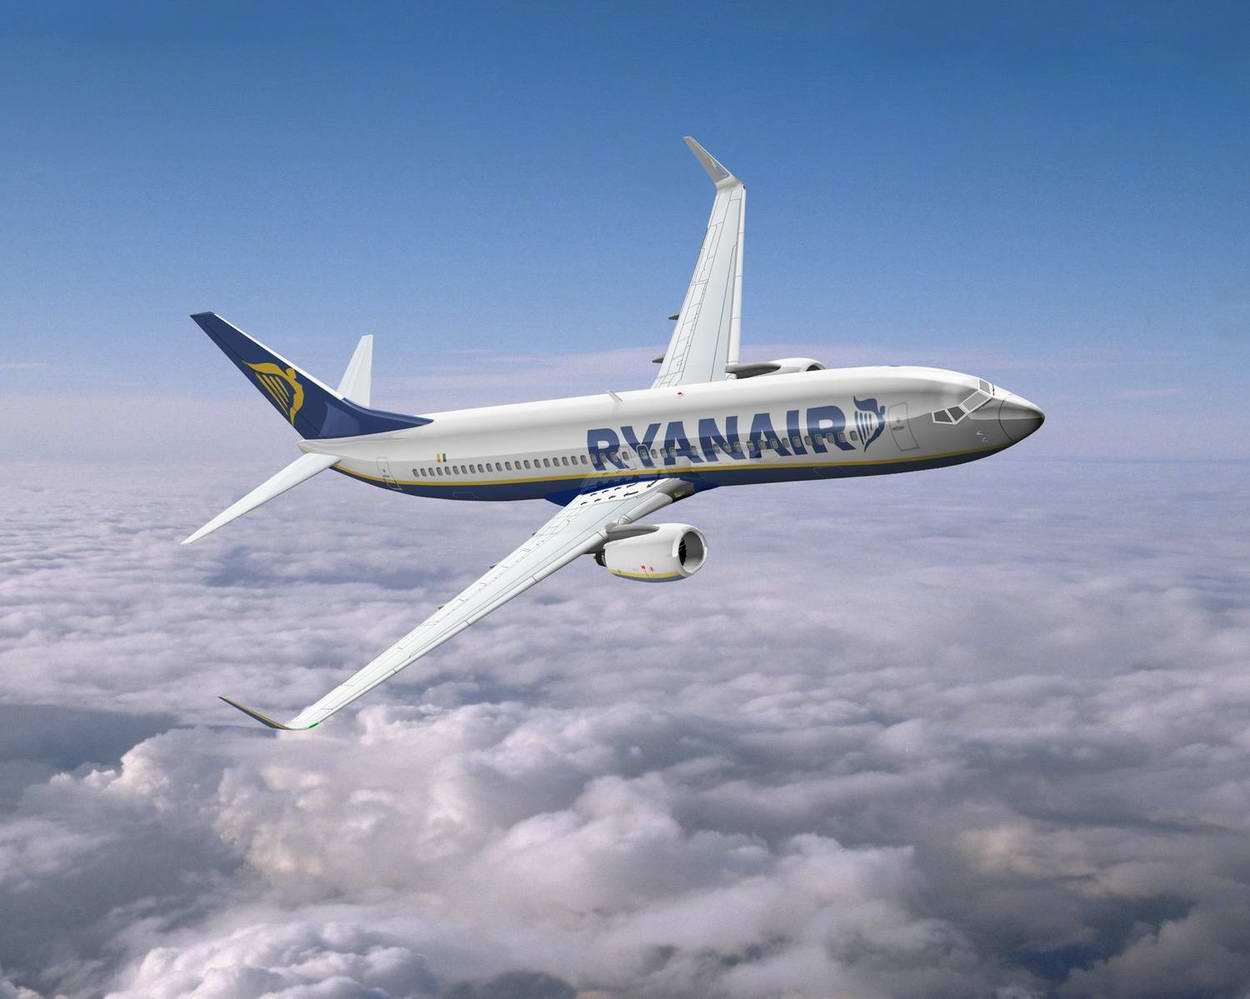 La SOSTENIBILIDAD del modelo de negocio aéreo low cost